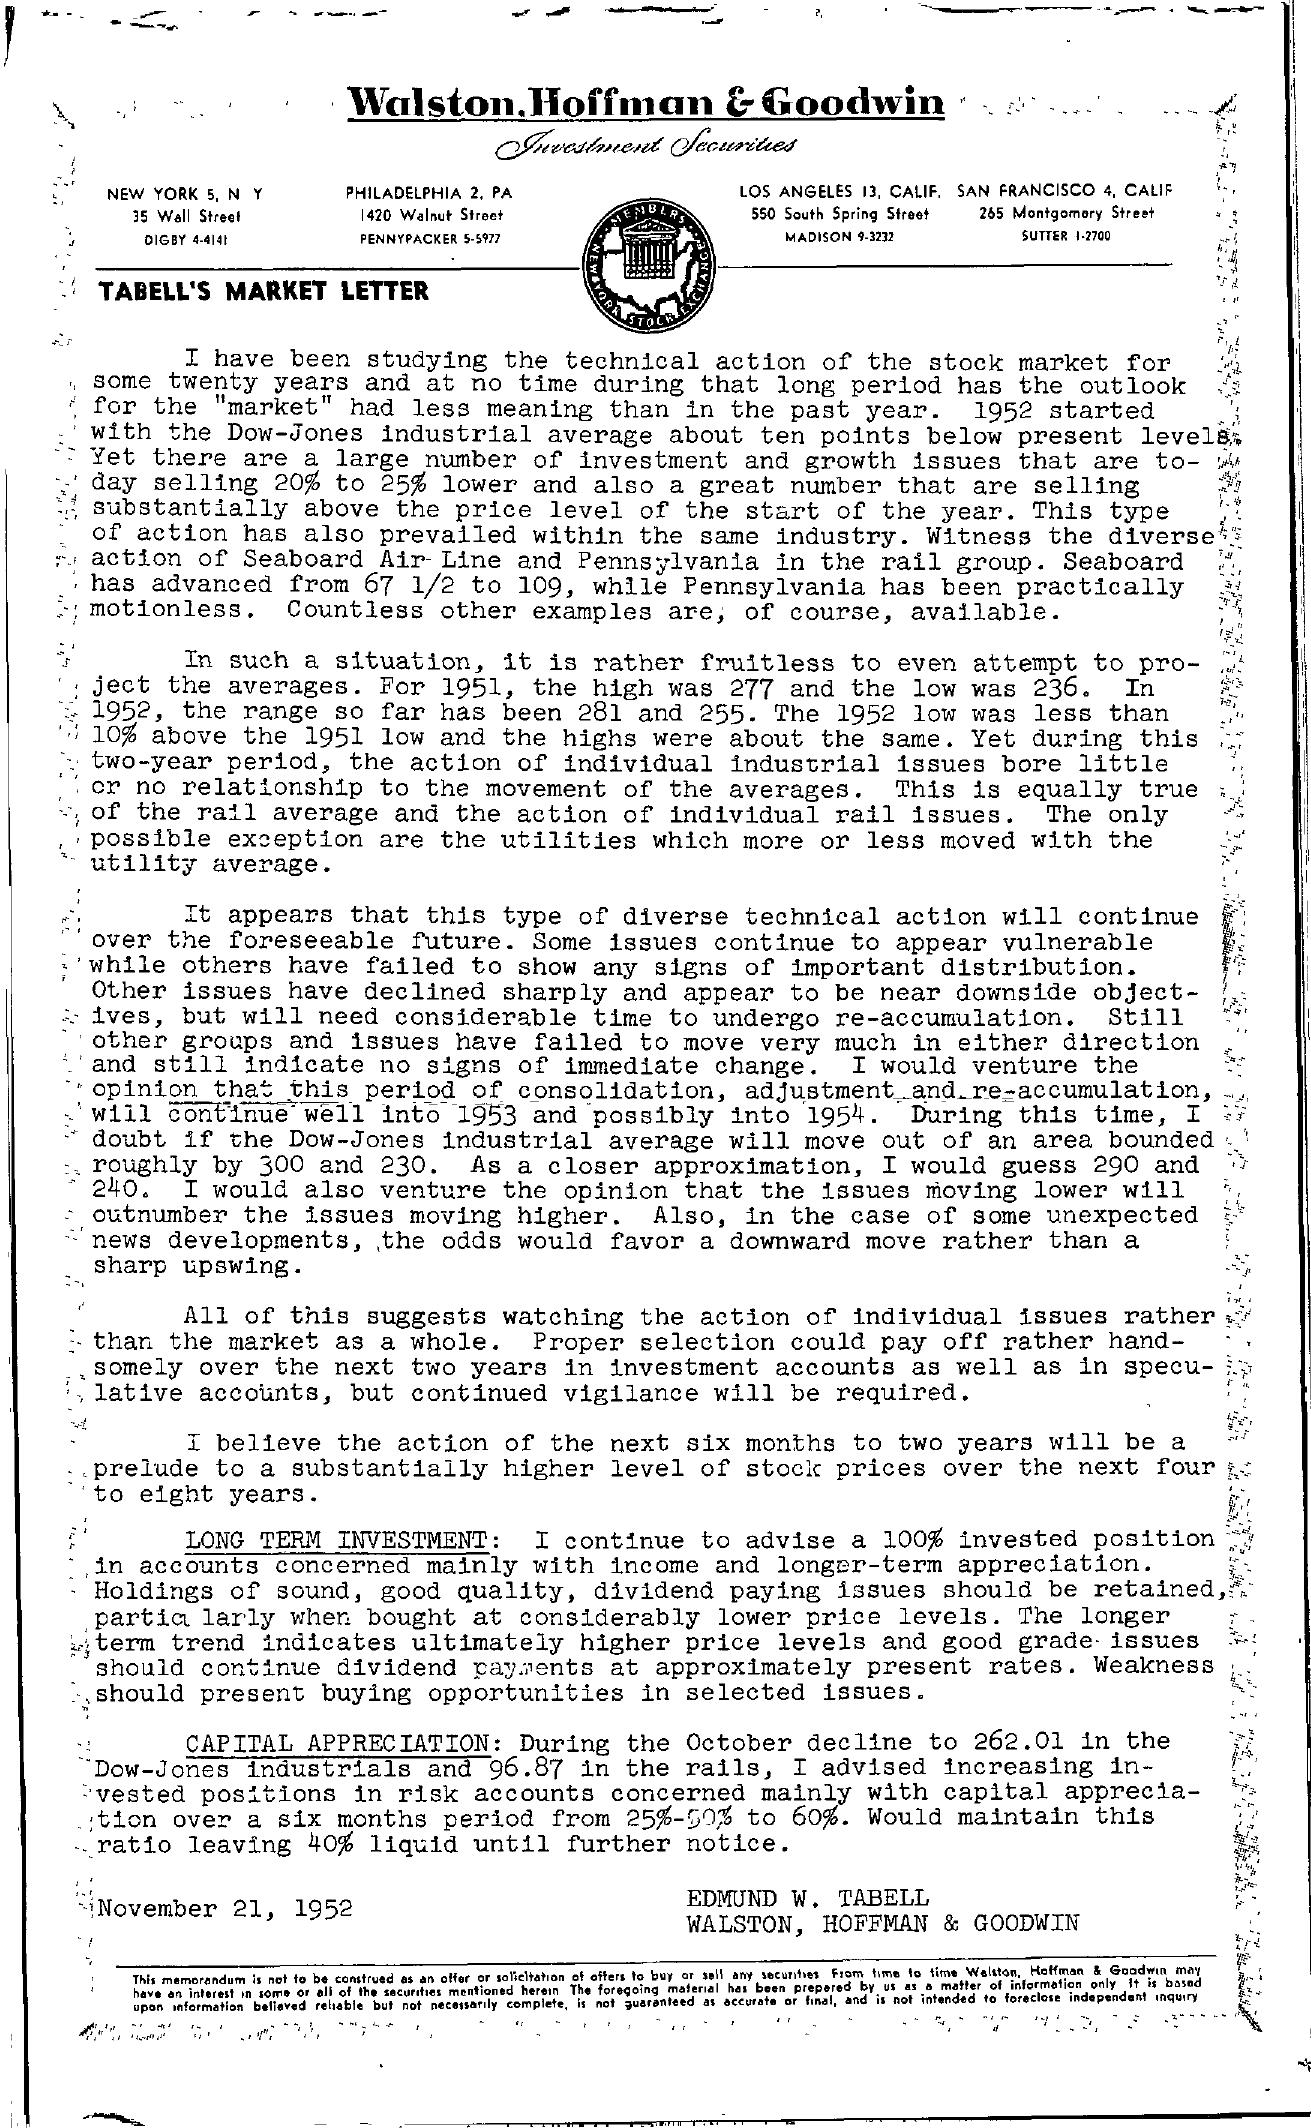 Tabell's Market Letter - November 21, 1952